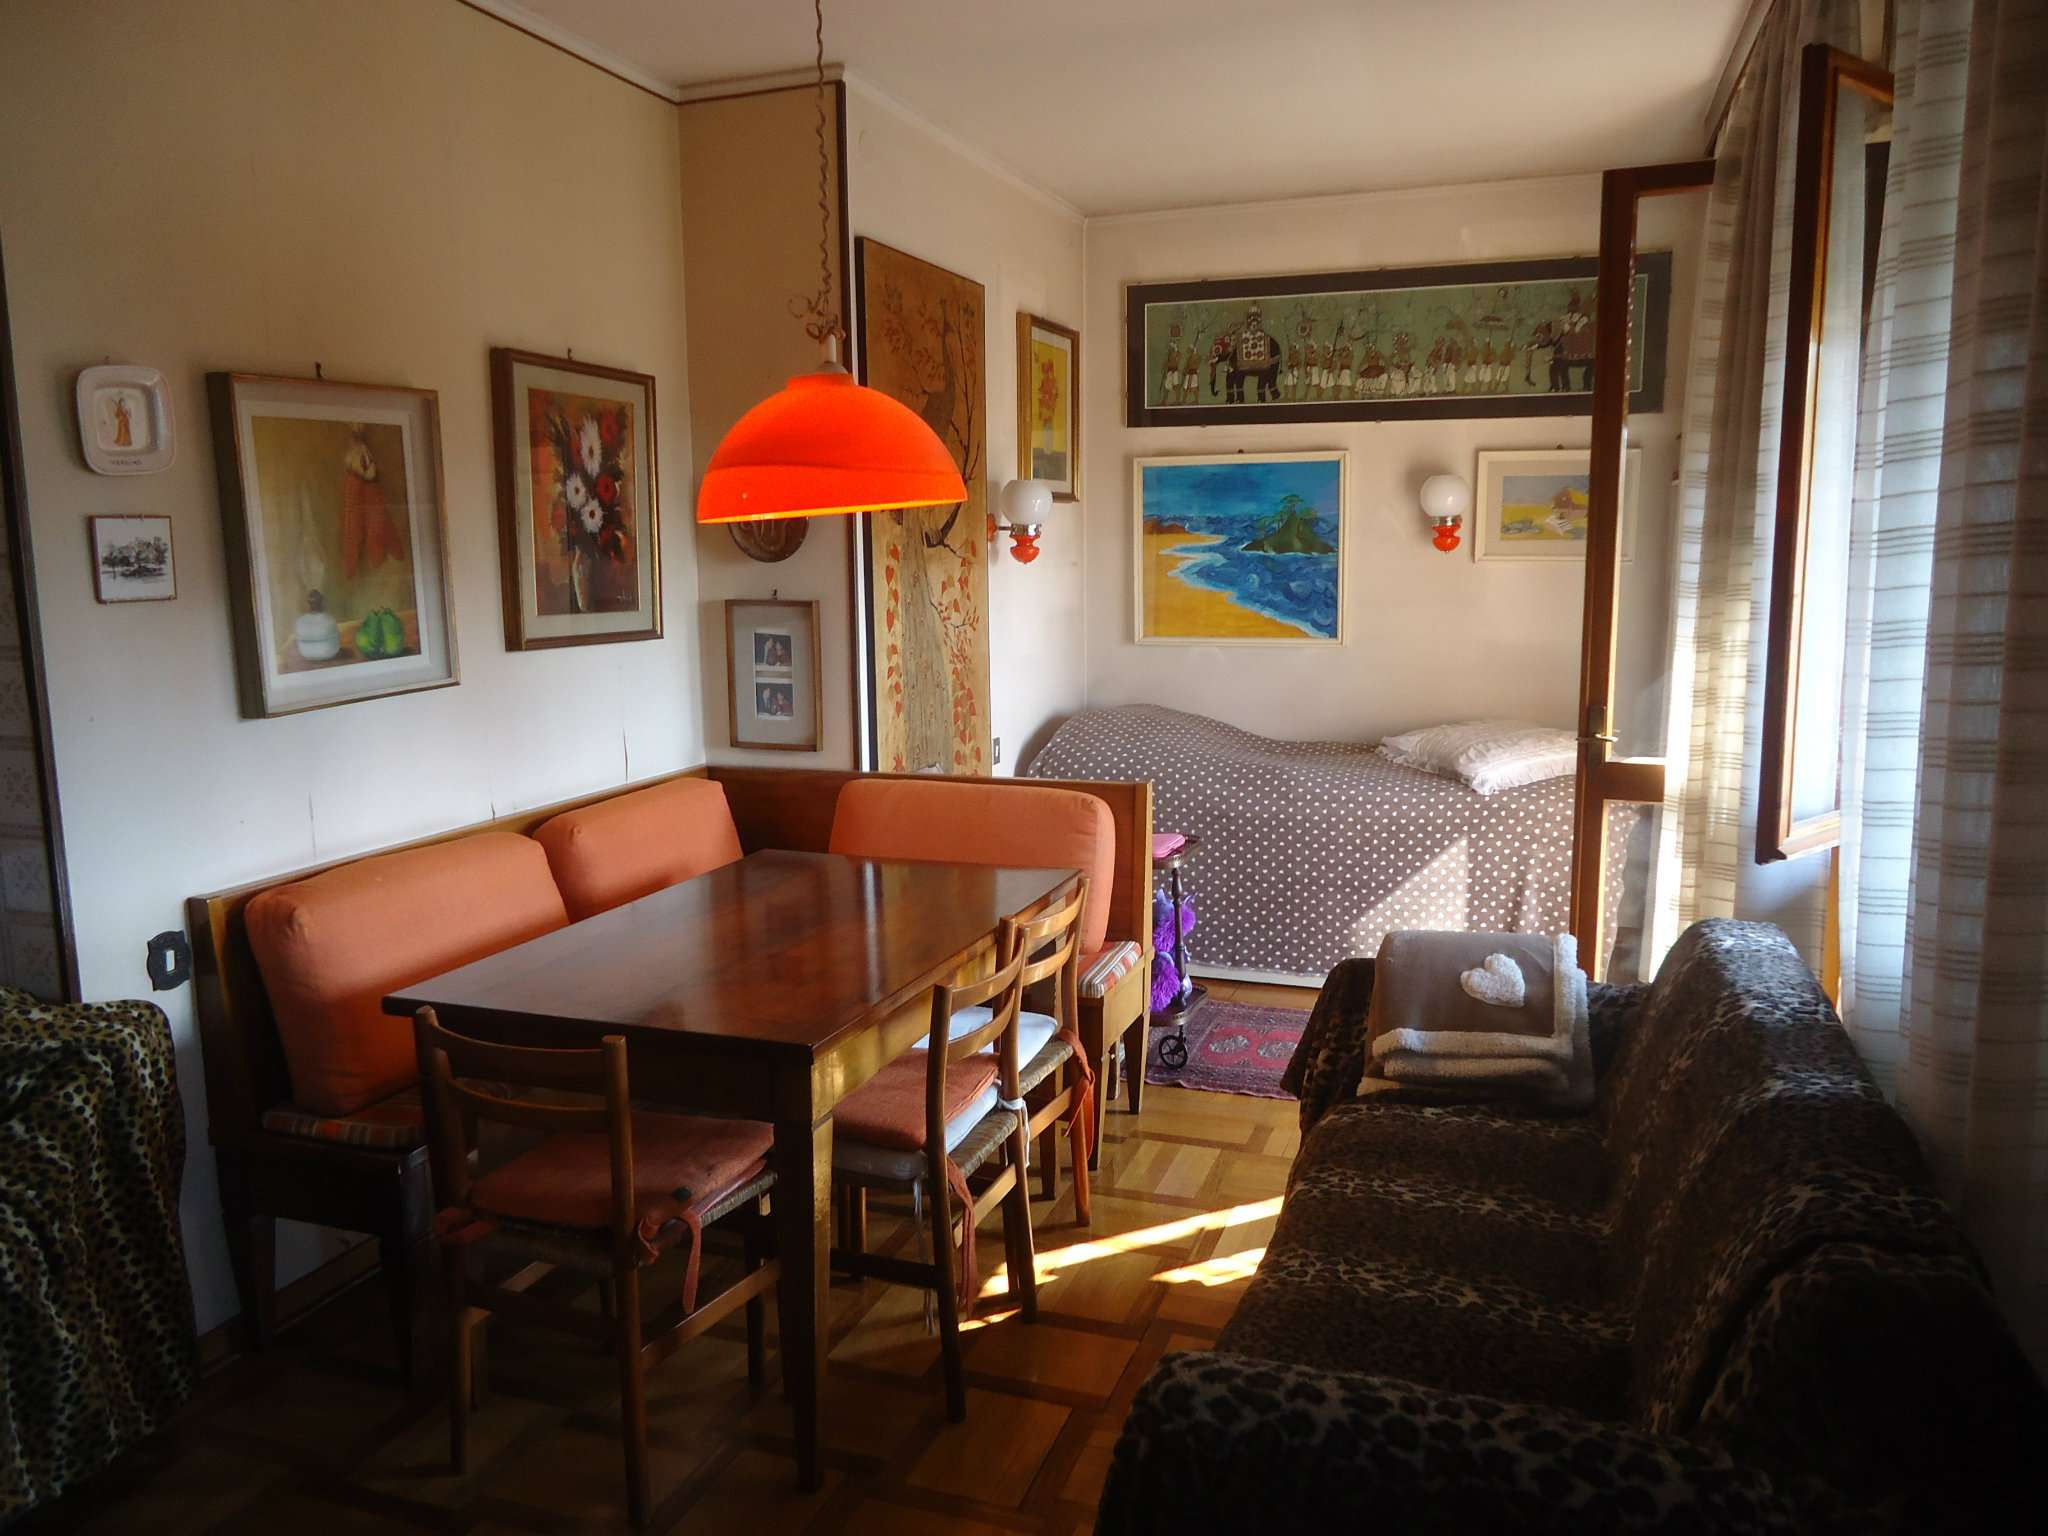 Appartamento in vendita a Padova, 7 locali, zona Zona: 6 . Ovest (Brentella-Valsugana), prezzo € 200.000 | CambioCasa.it